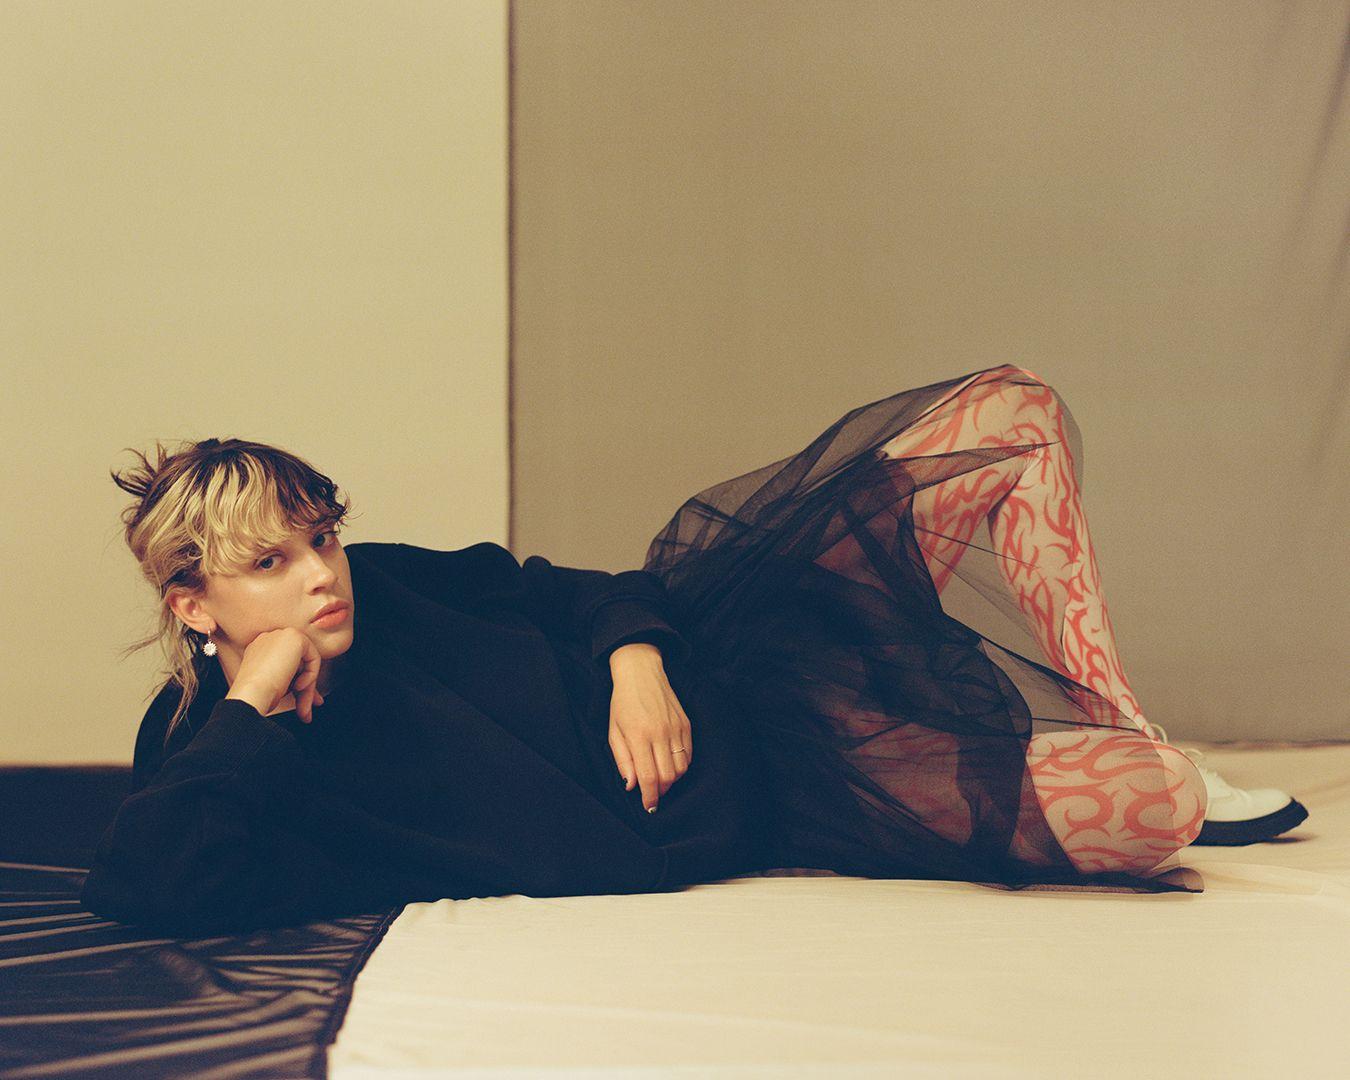 photo de l'artiste Pomme qui pose, couchée sur le sol